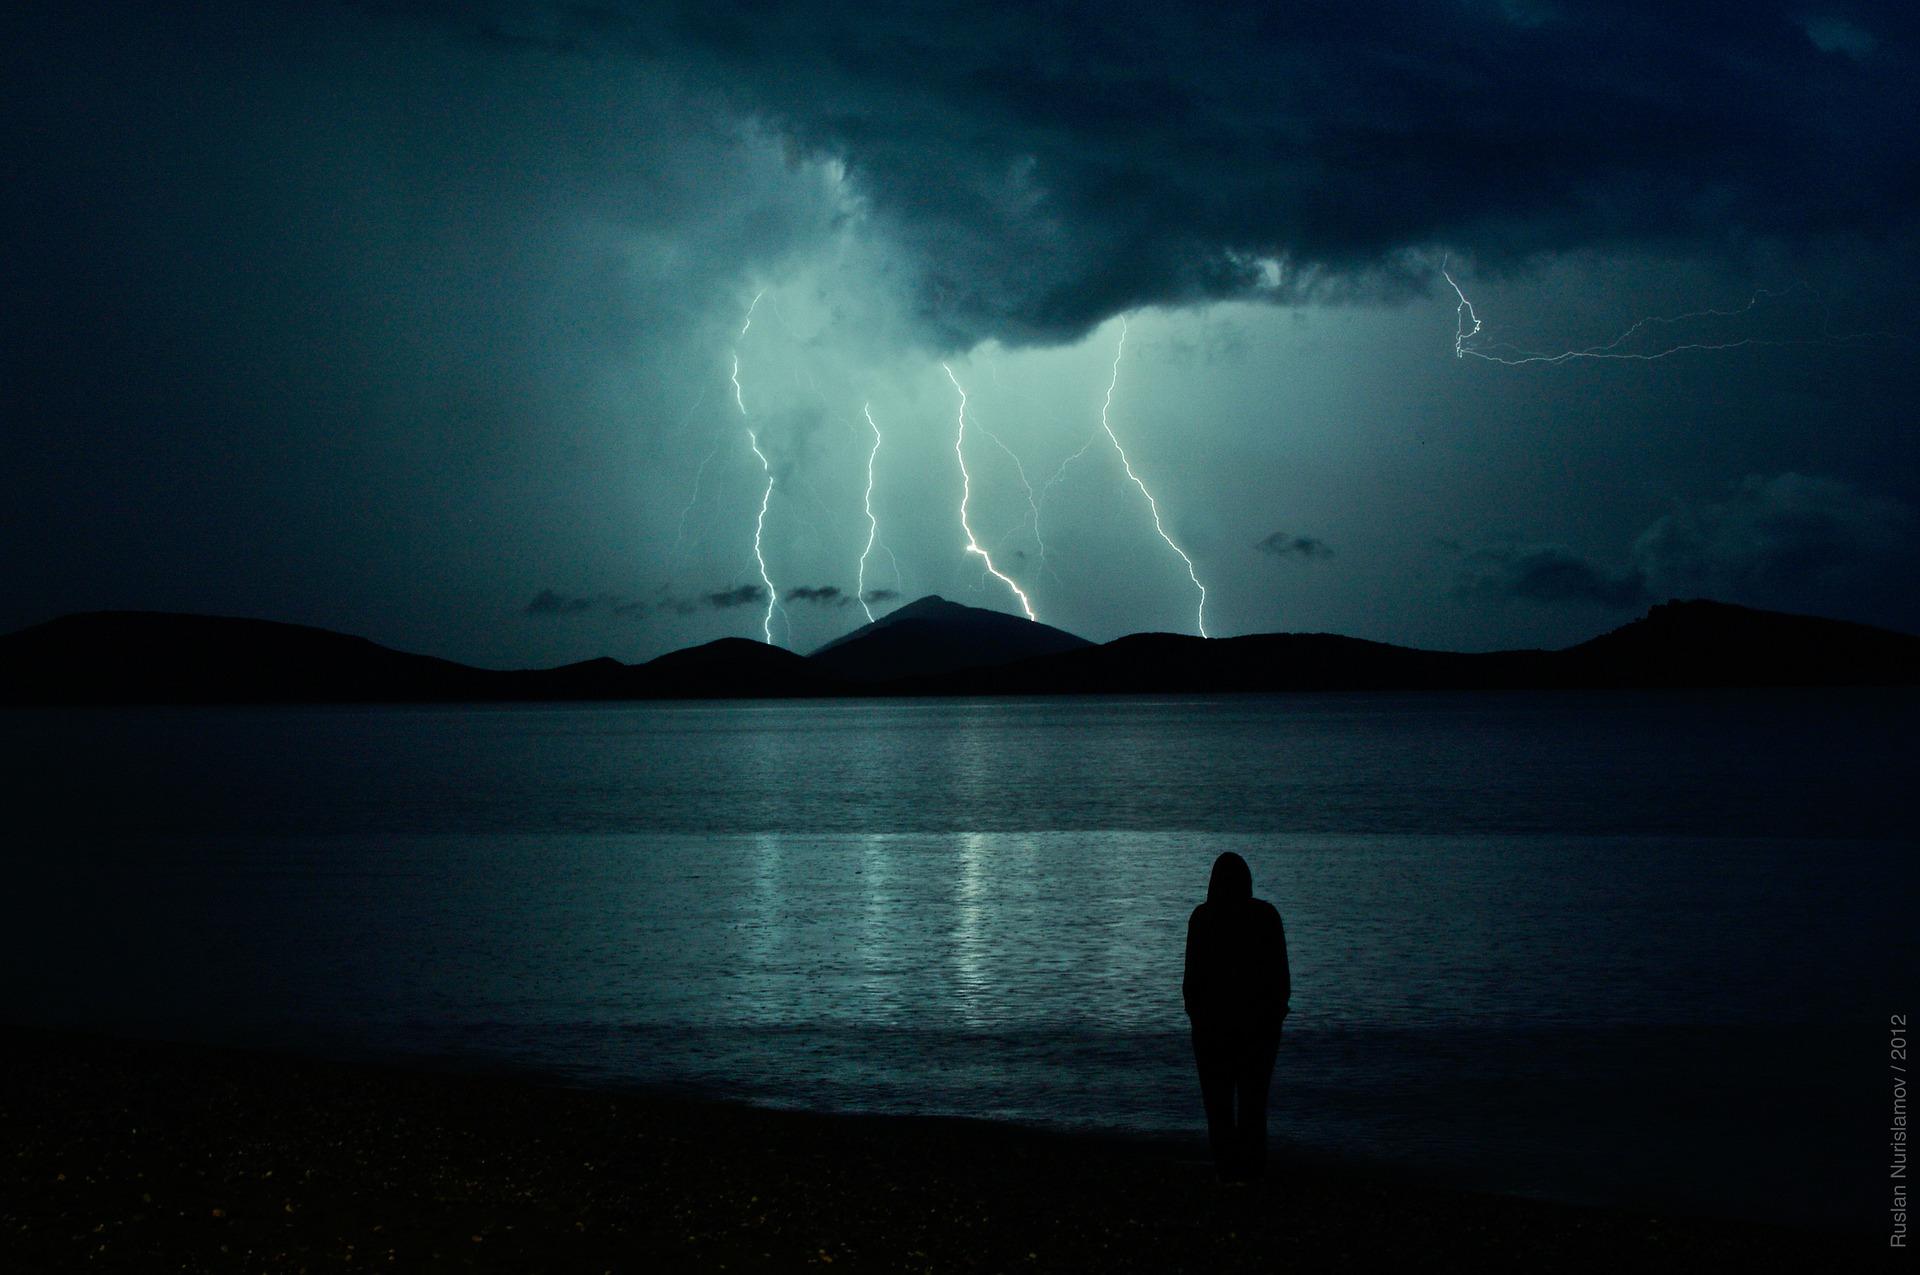 lightning-962789_1920.jpg